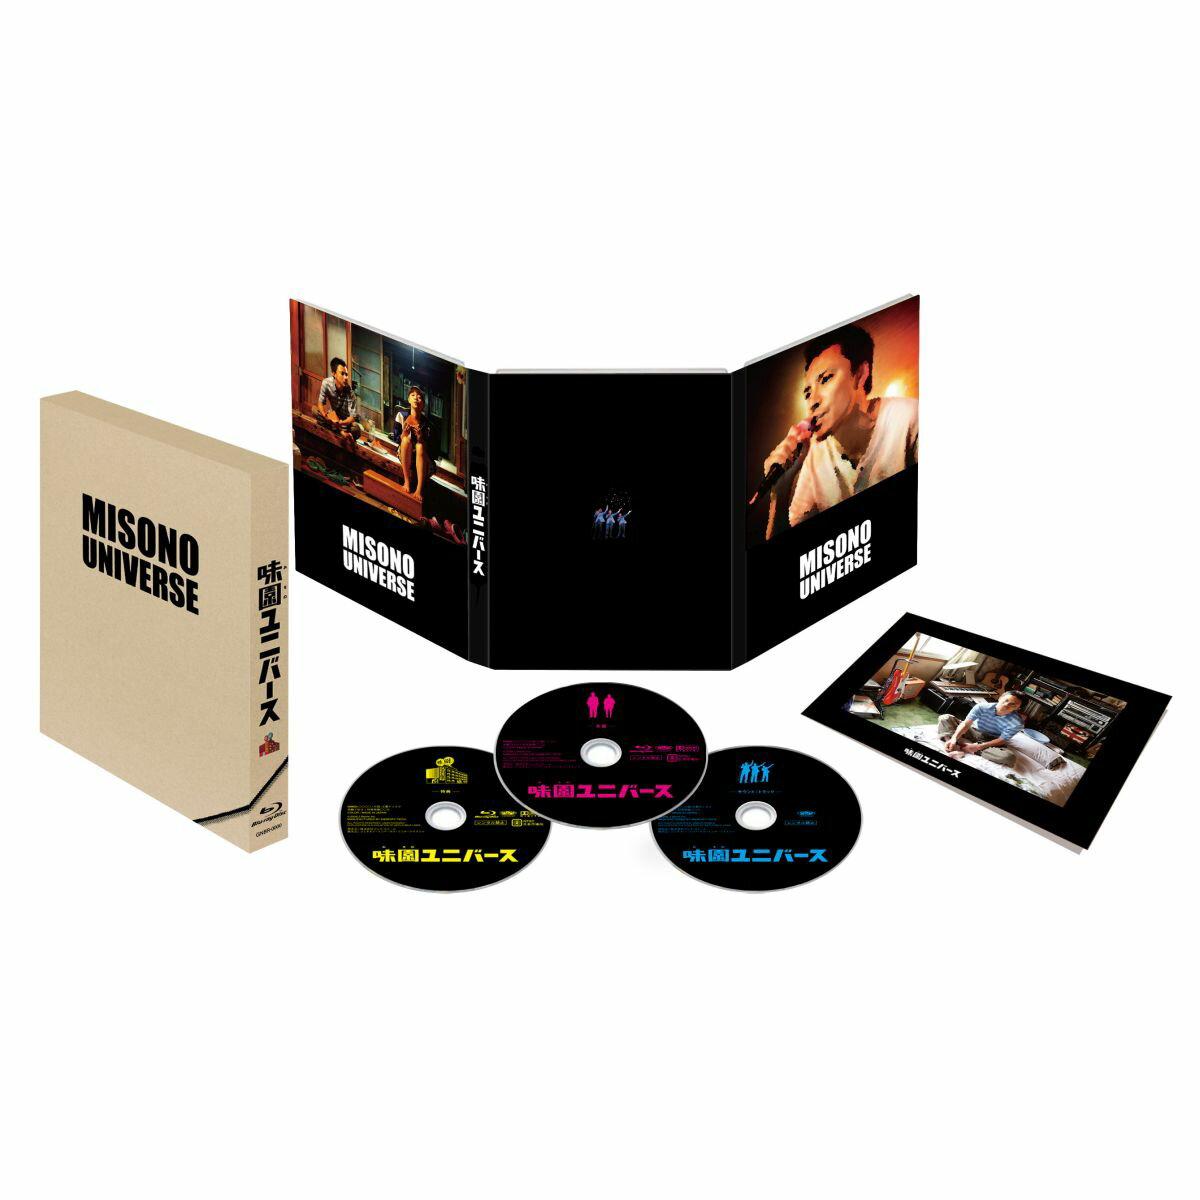 味園ユニバース (初回限定版 2Blu-ray+CD)【Blu-ray】 [ 渋谷すばる ]...:book:17457896